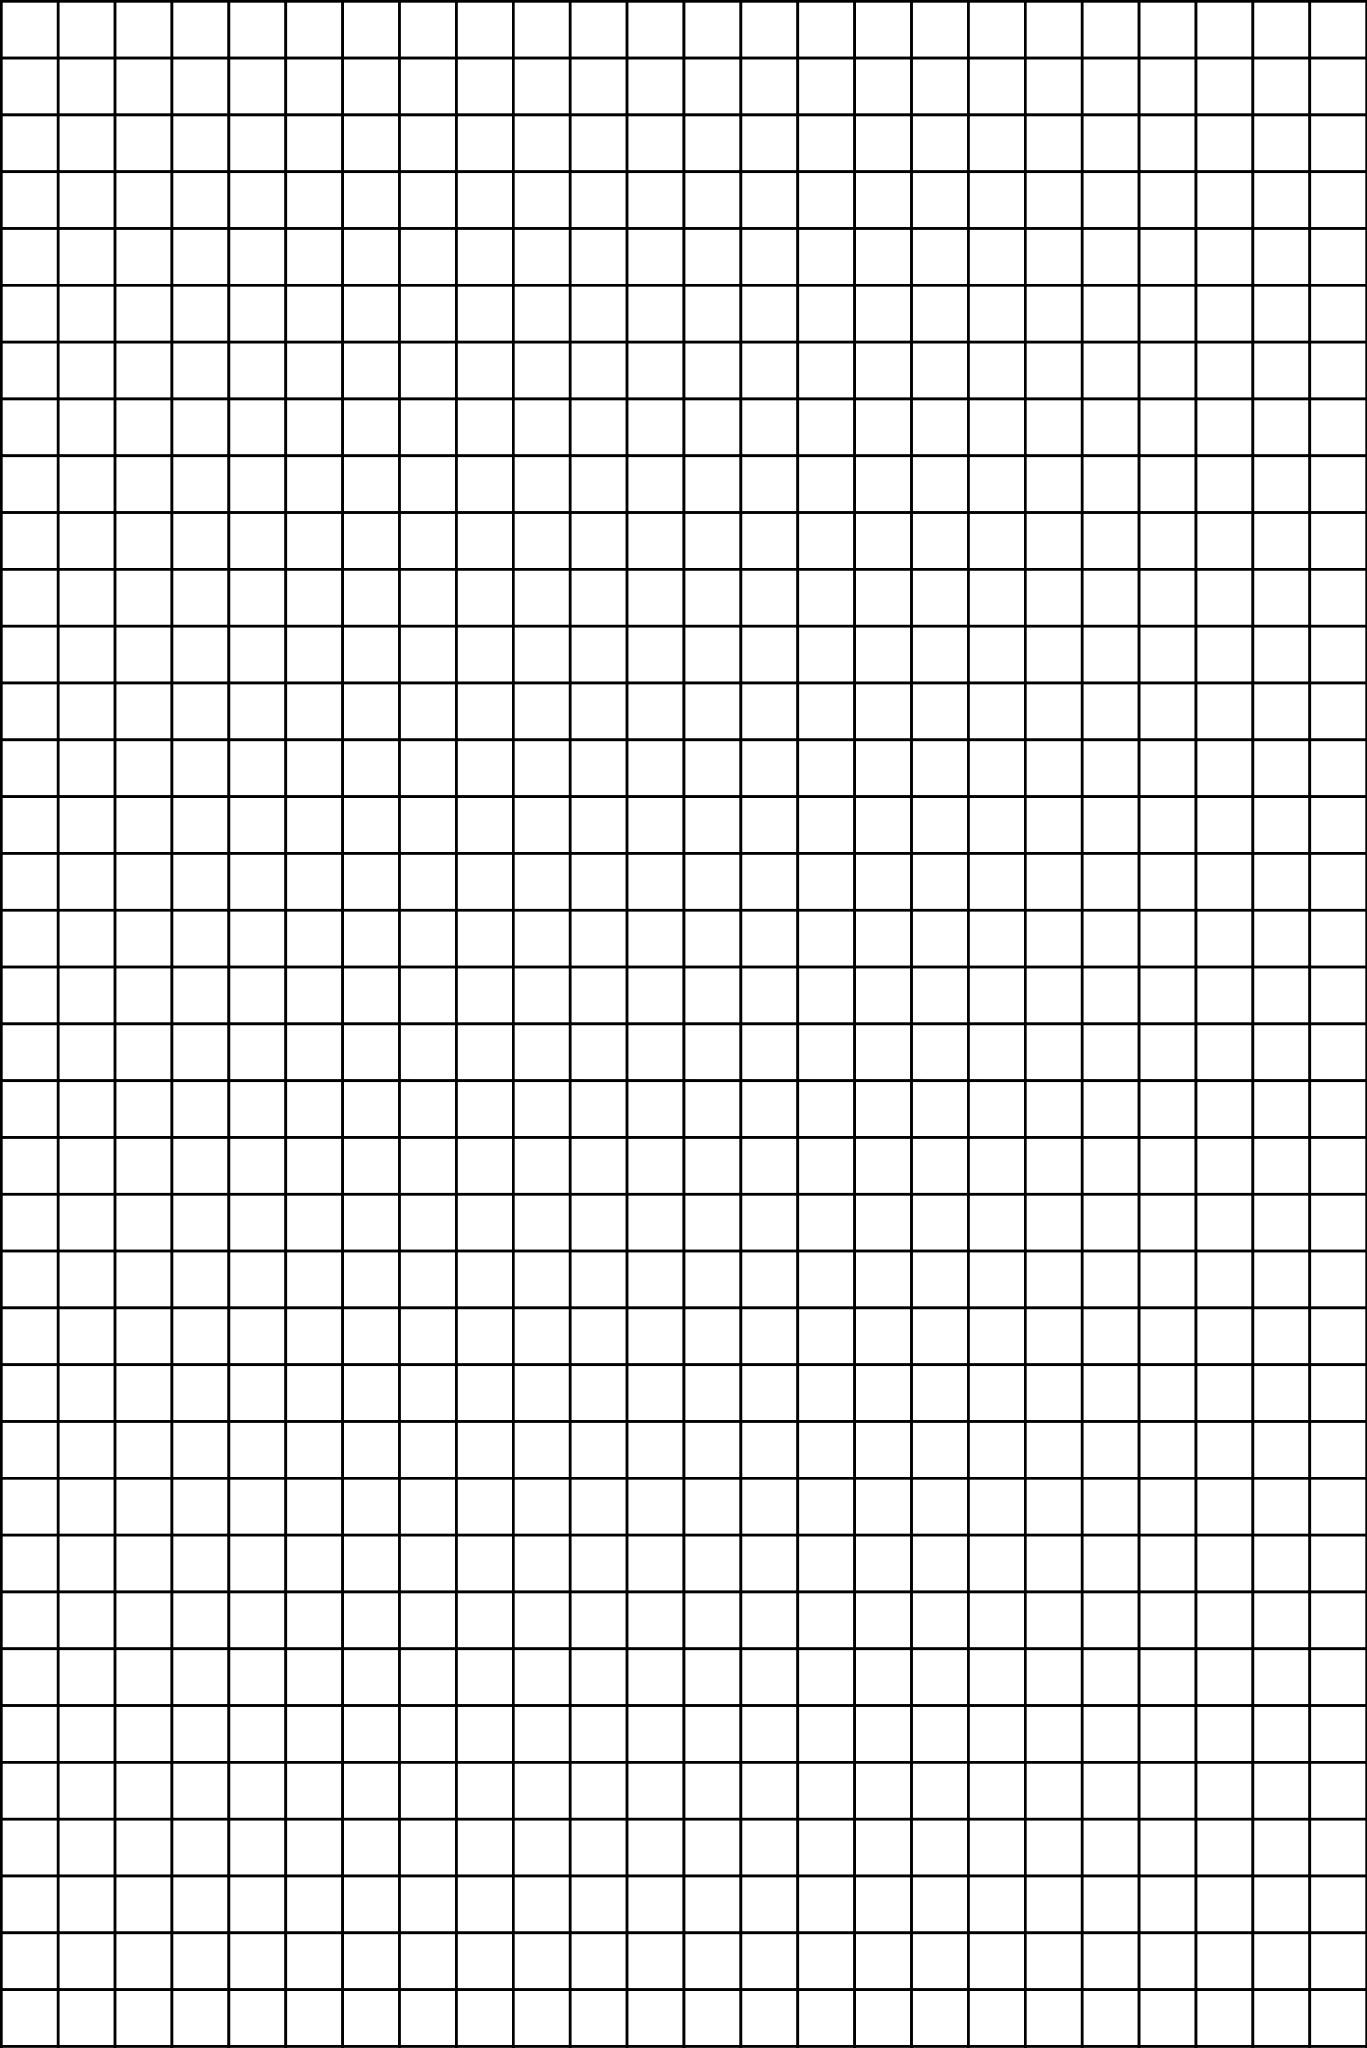 standard 50 grid.jpg